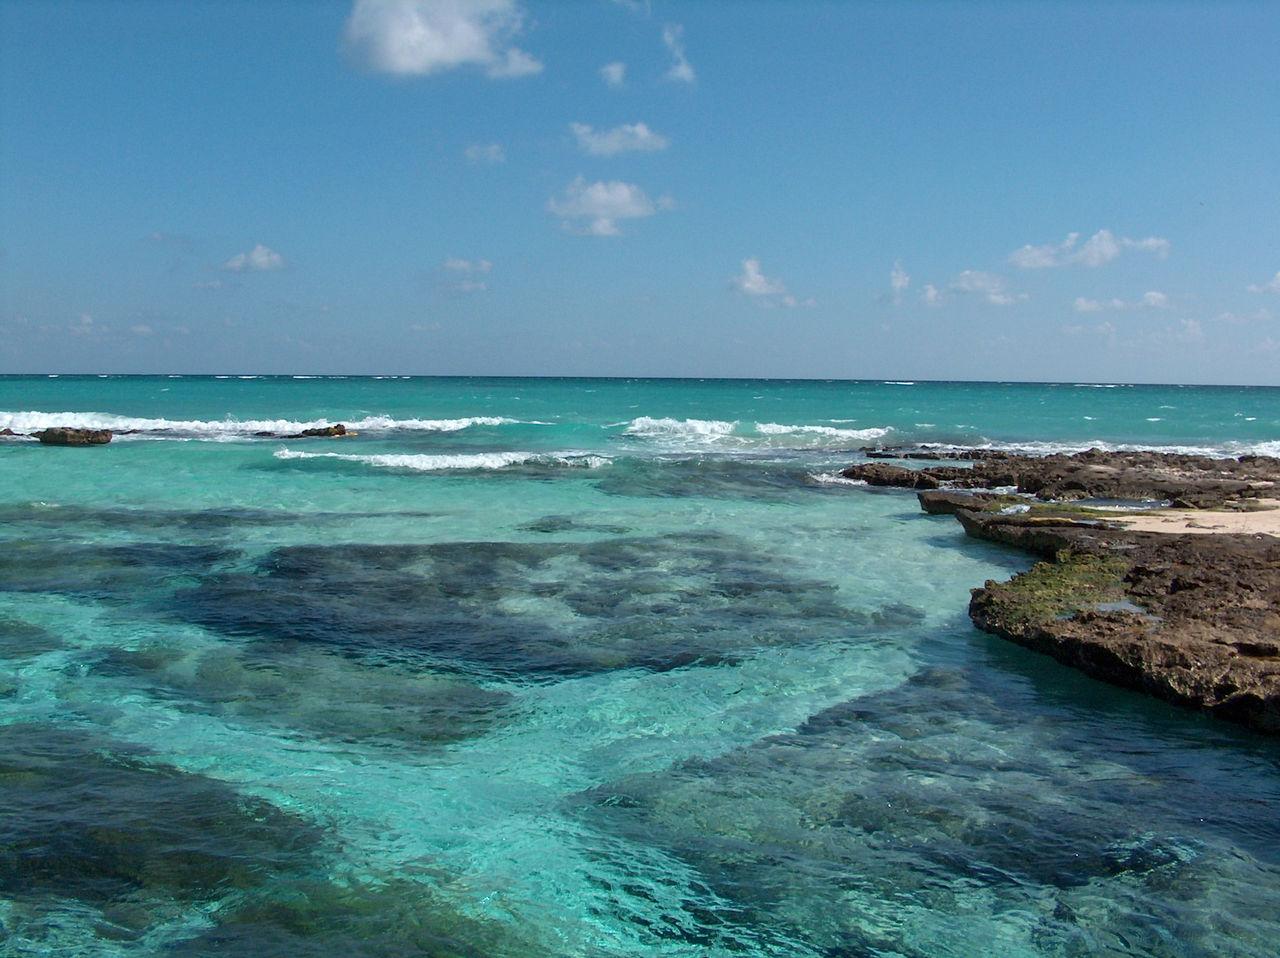 Resultado de imagen para caleta tankah quintana roo |7 playas perfectas y poco conocidas para viajar en verano